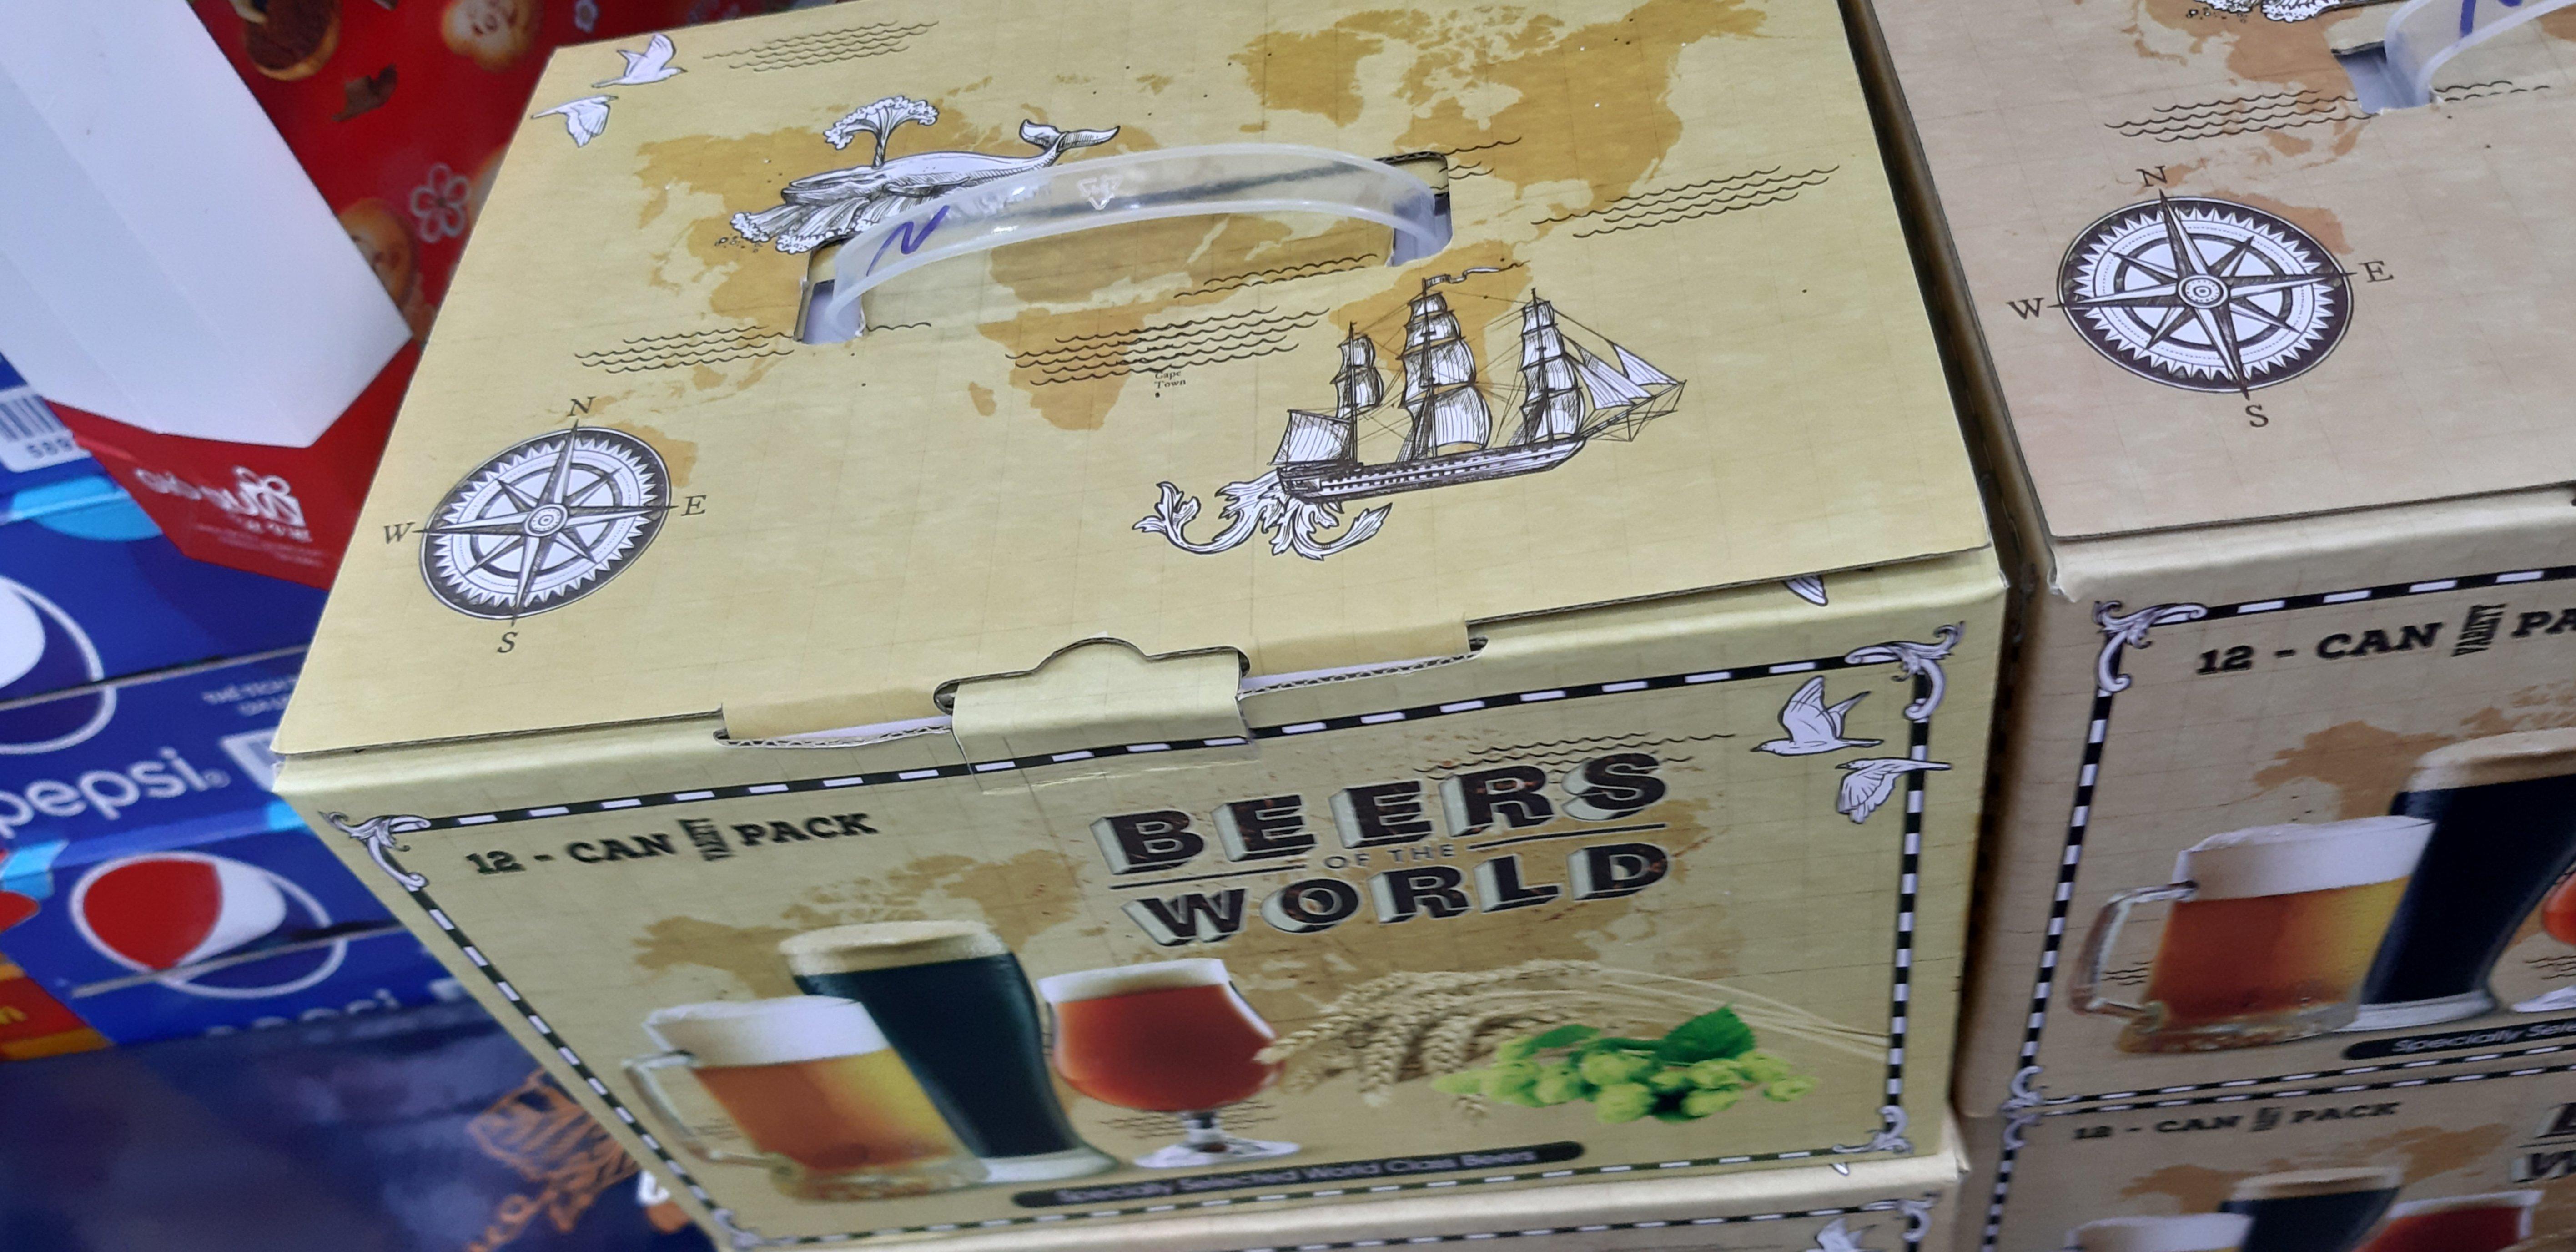 Hộp quà 12 lon Beers World mix 3 vị ( mẫu mới) Nga